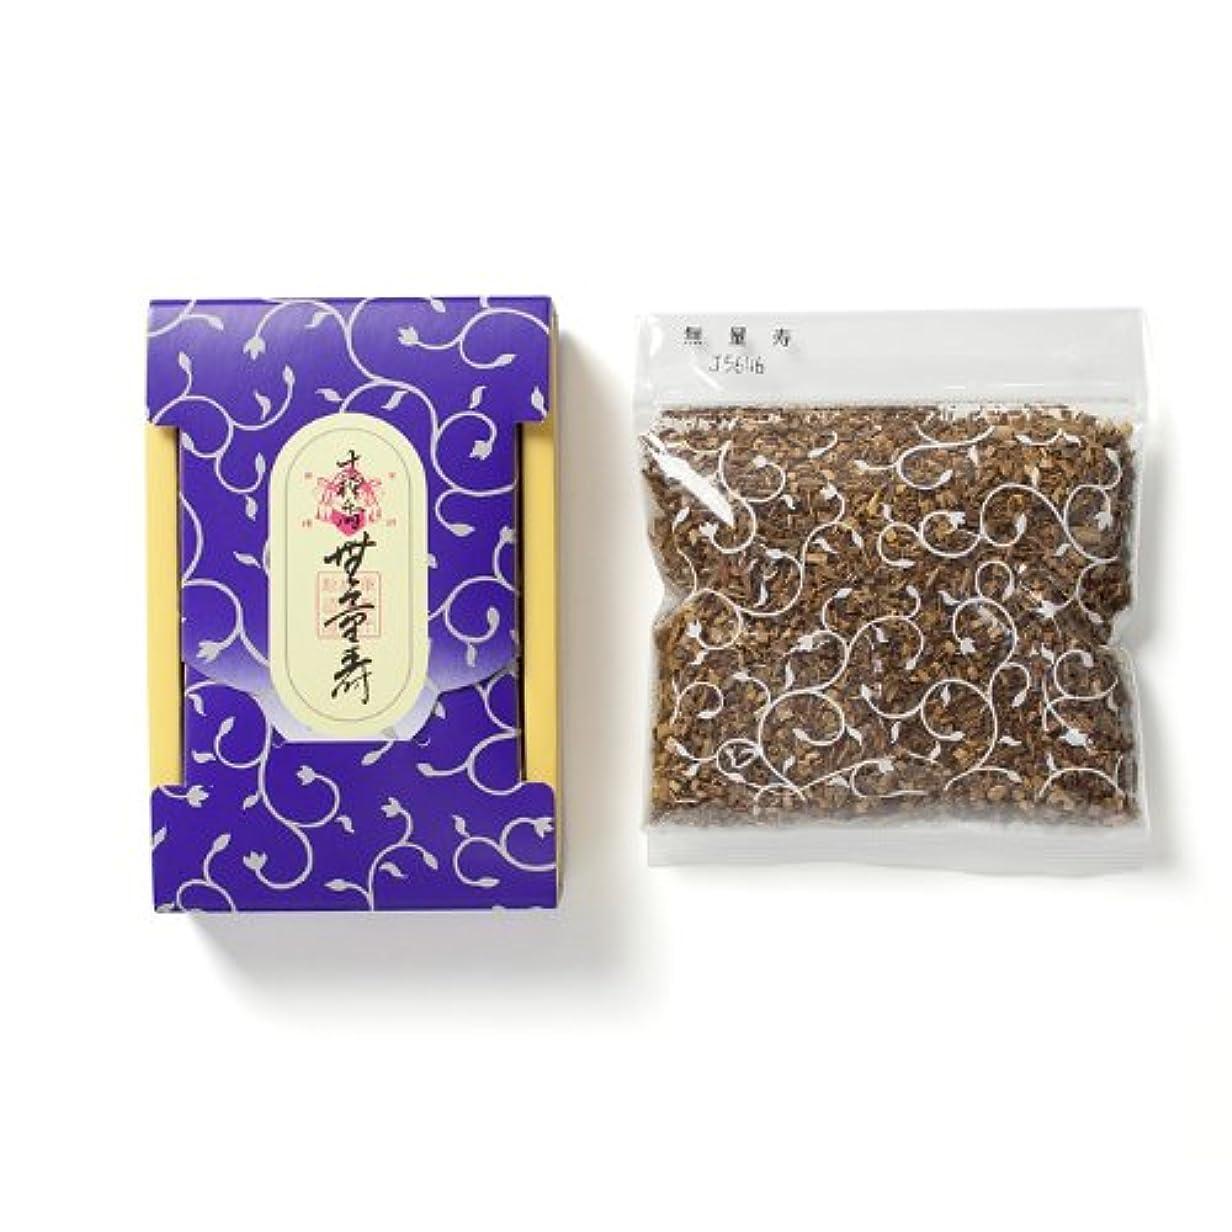 解明するバイソン脅迫松栄堂のお焼香 十種香 無量寿 25g詰 小箱入 #410841